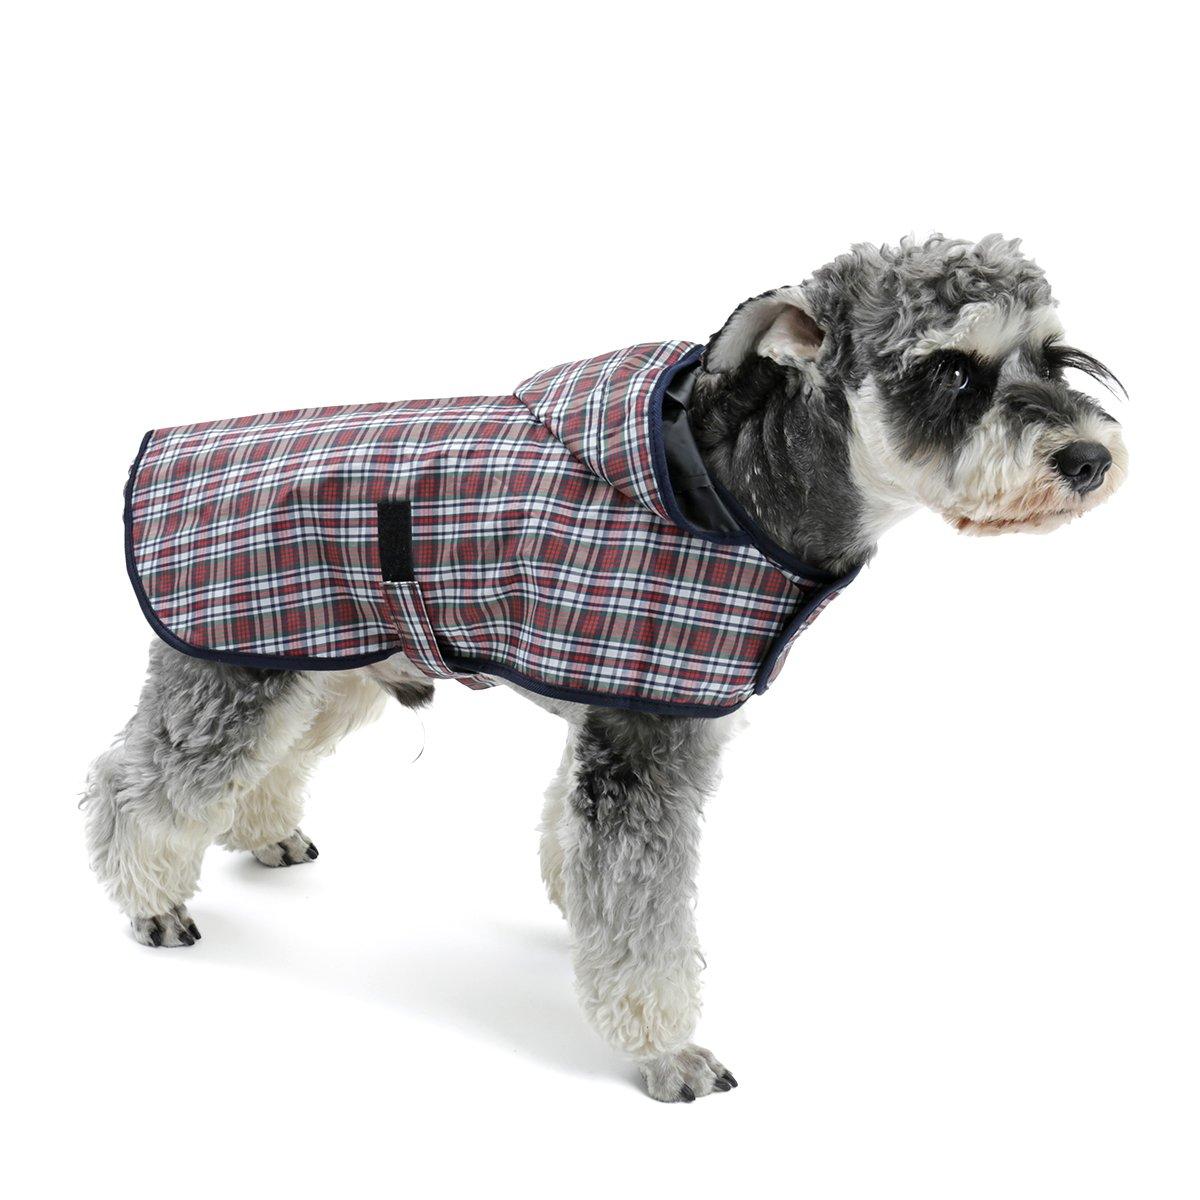 OHANA Haustier Hunde Regenmantel Wasserdichte Warm Hunde Regenjacke für Kleine Mittlere Hunde mit 4 Größen